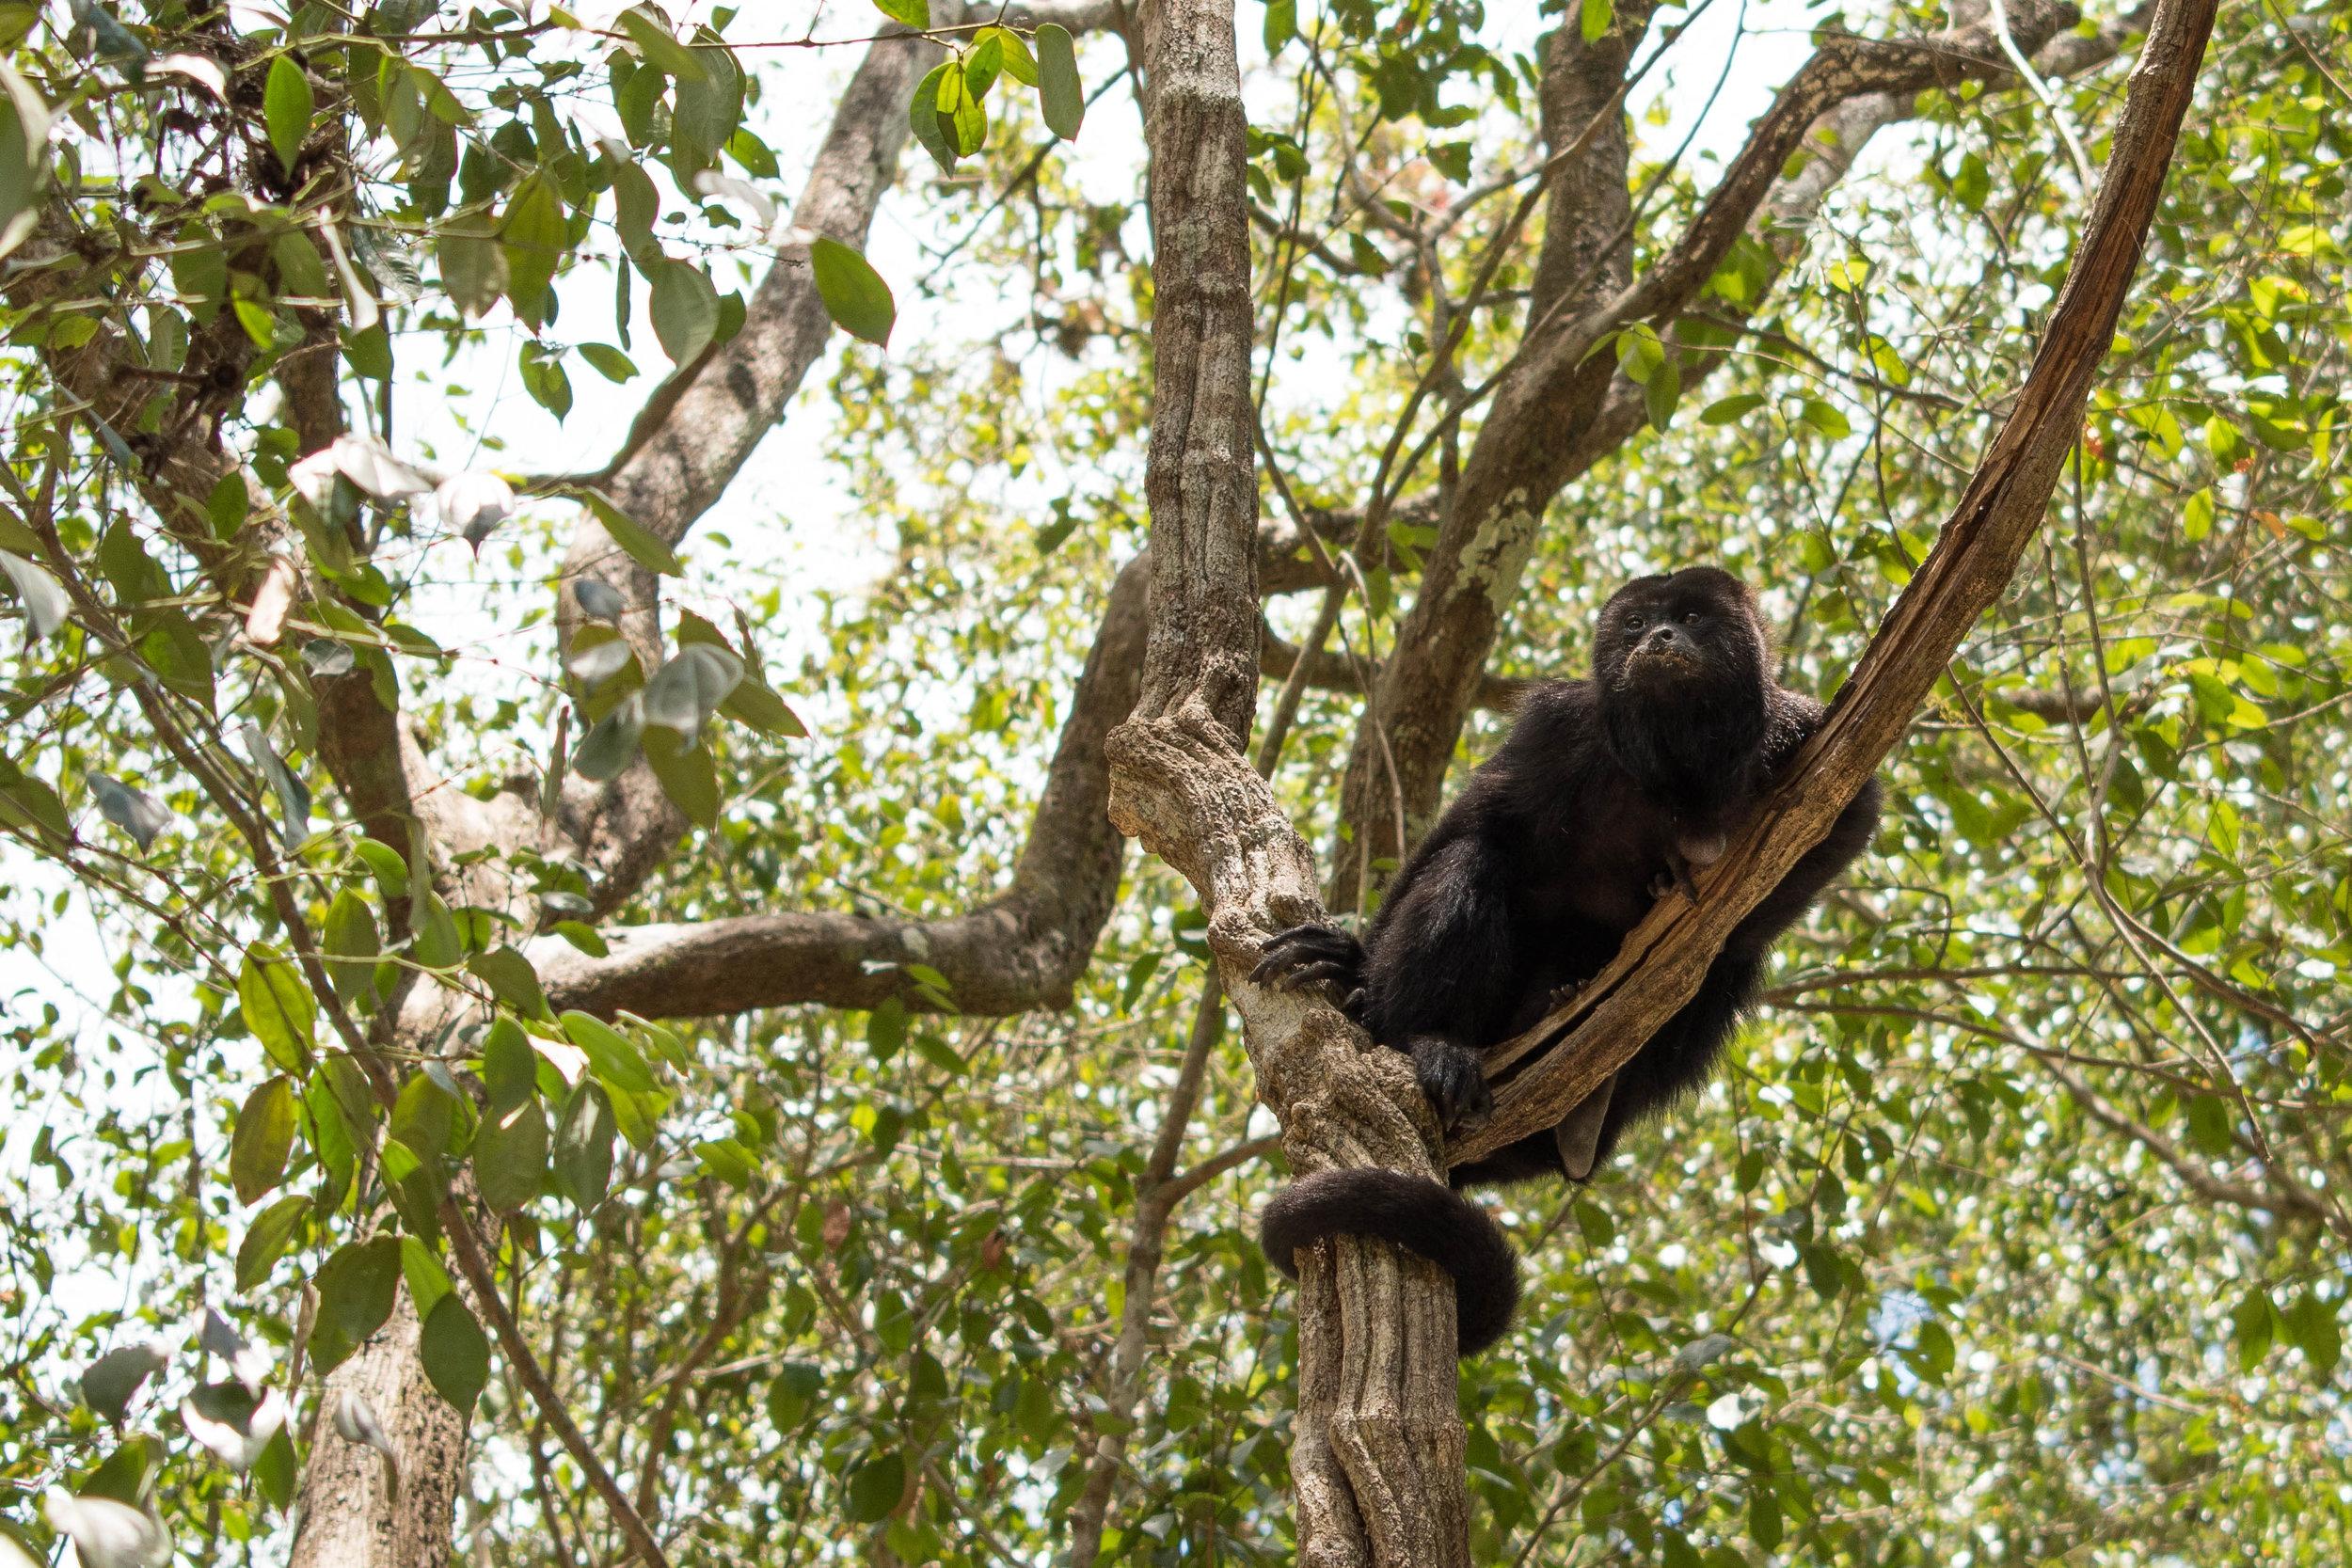 Monkey in a Tree in Tikal, Guatemala